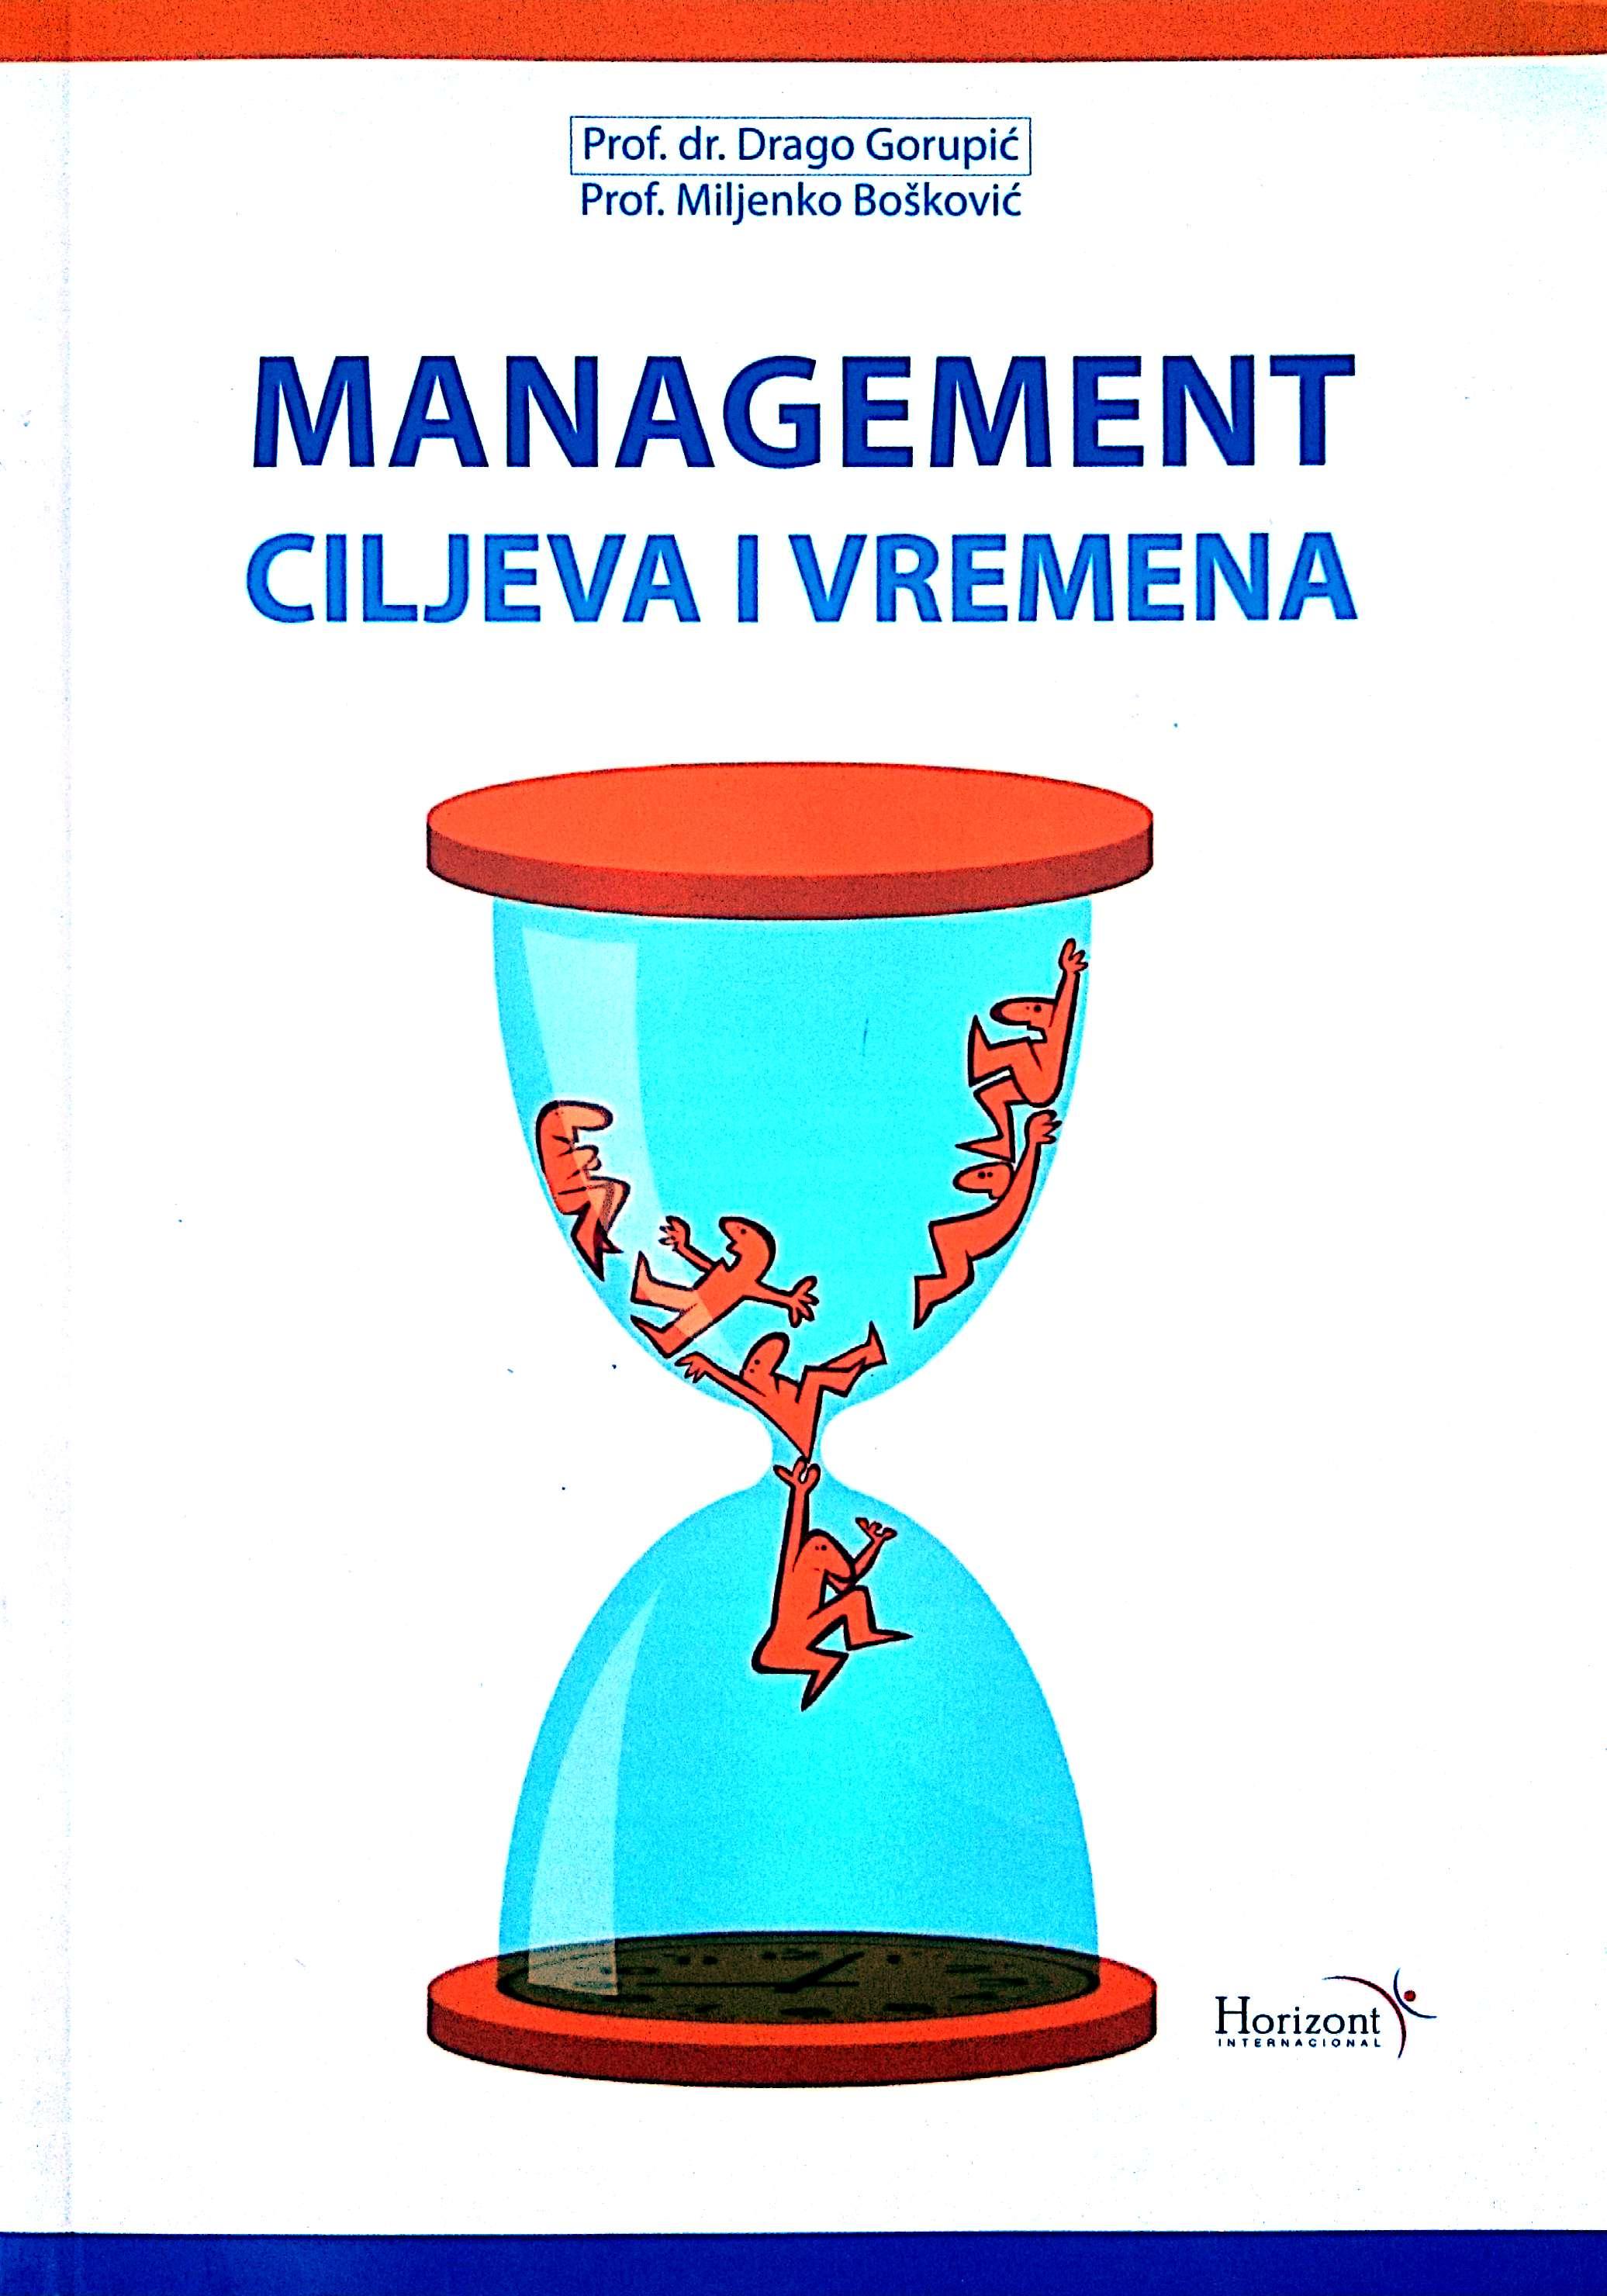 MANAGEMENT CILJEVA I VREMENA - Naruči svoju knjigu